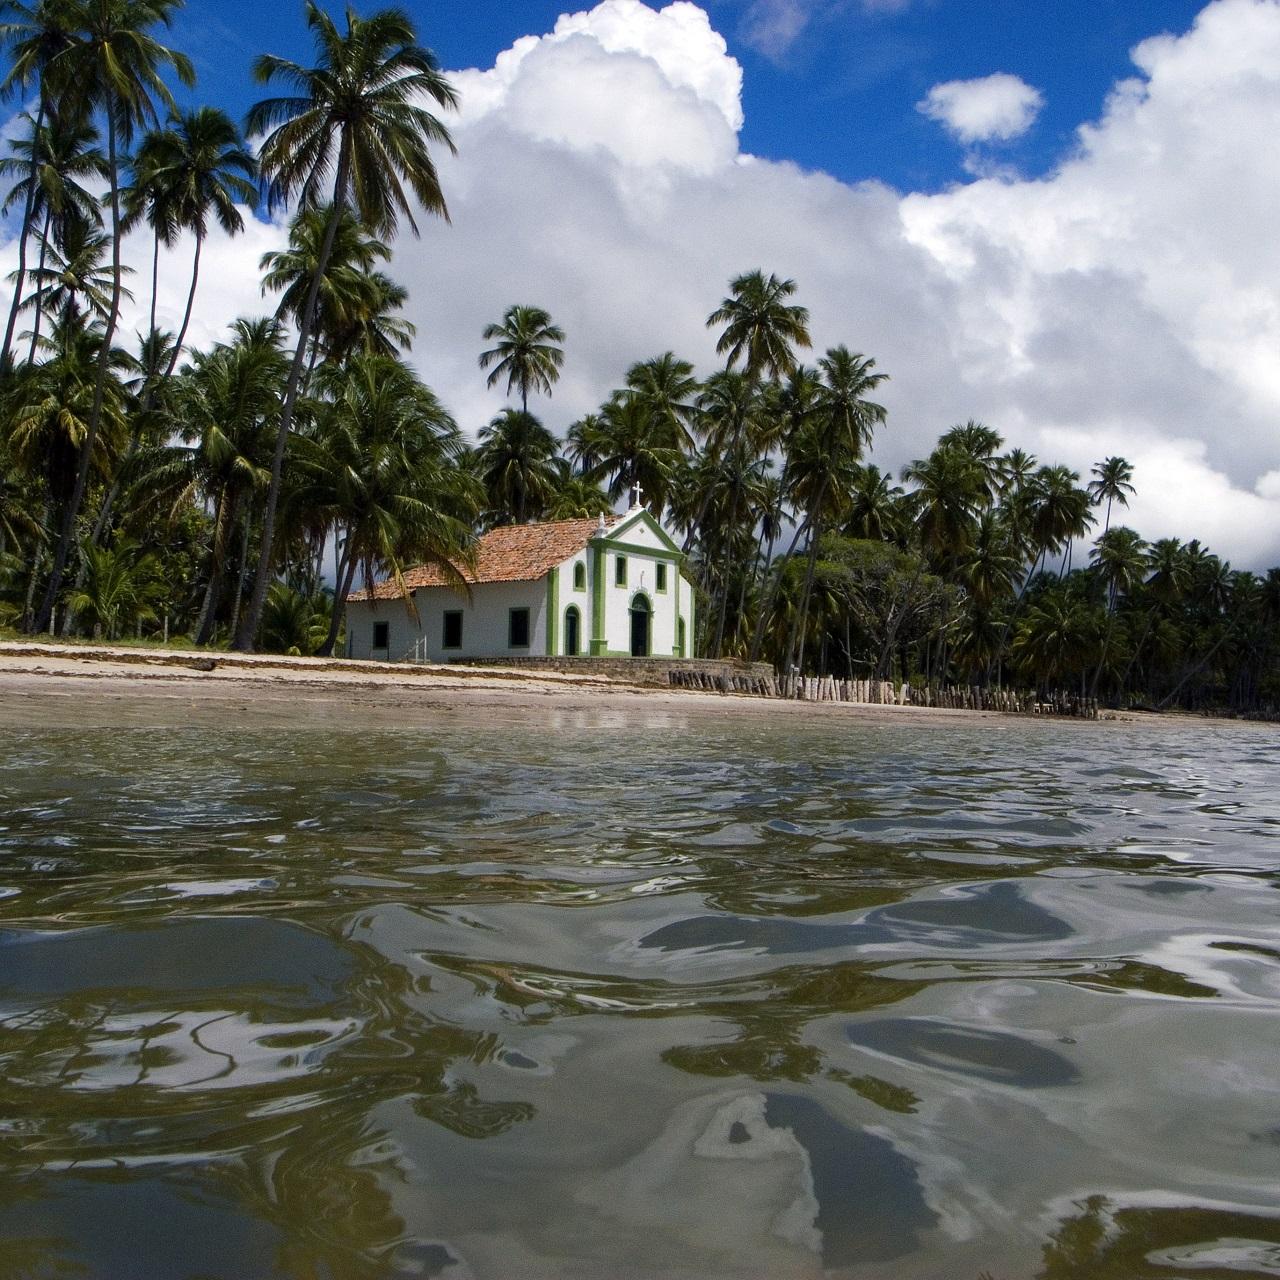 Abril de 2008. Estuário de Tamandaré, Recife